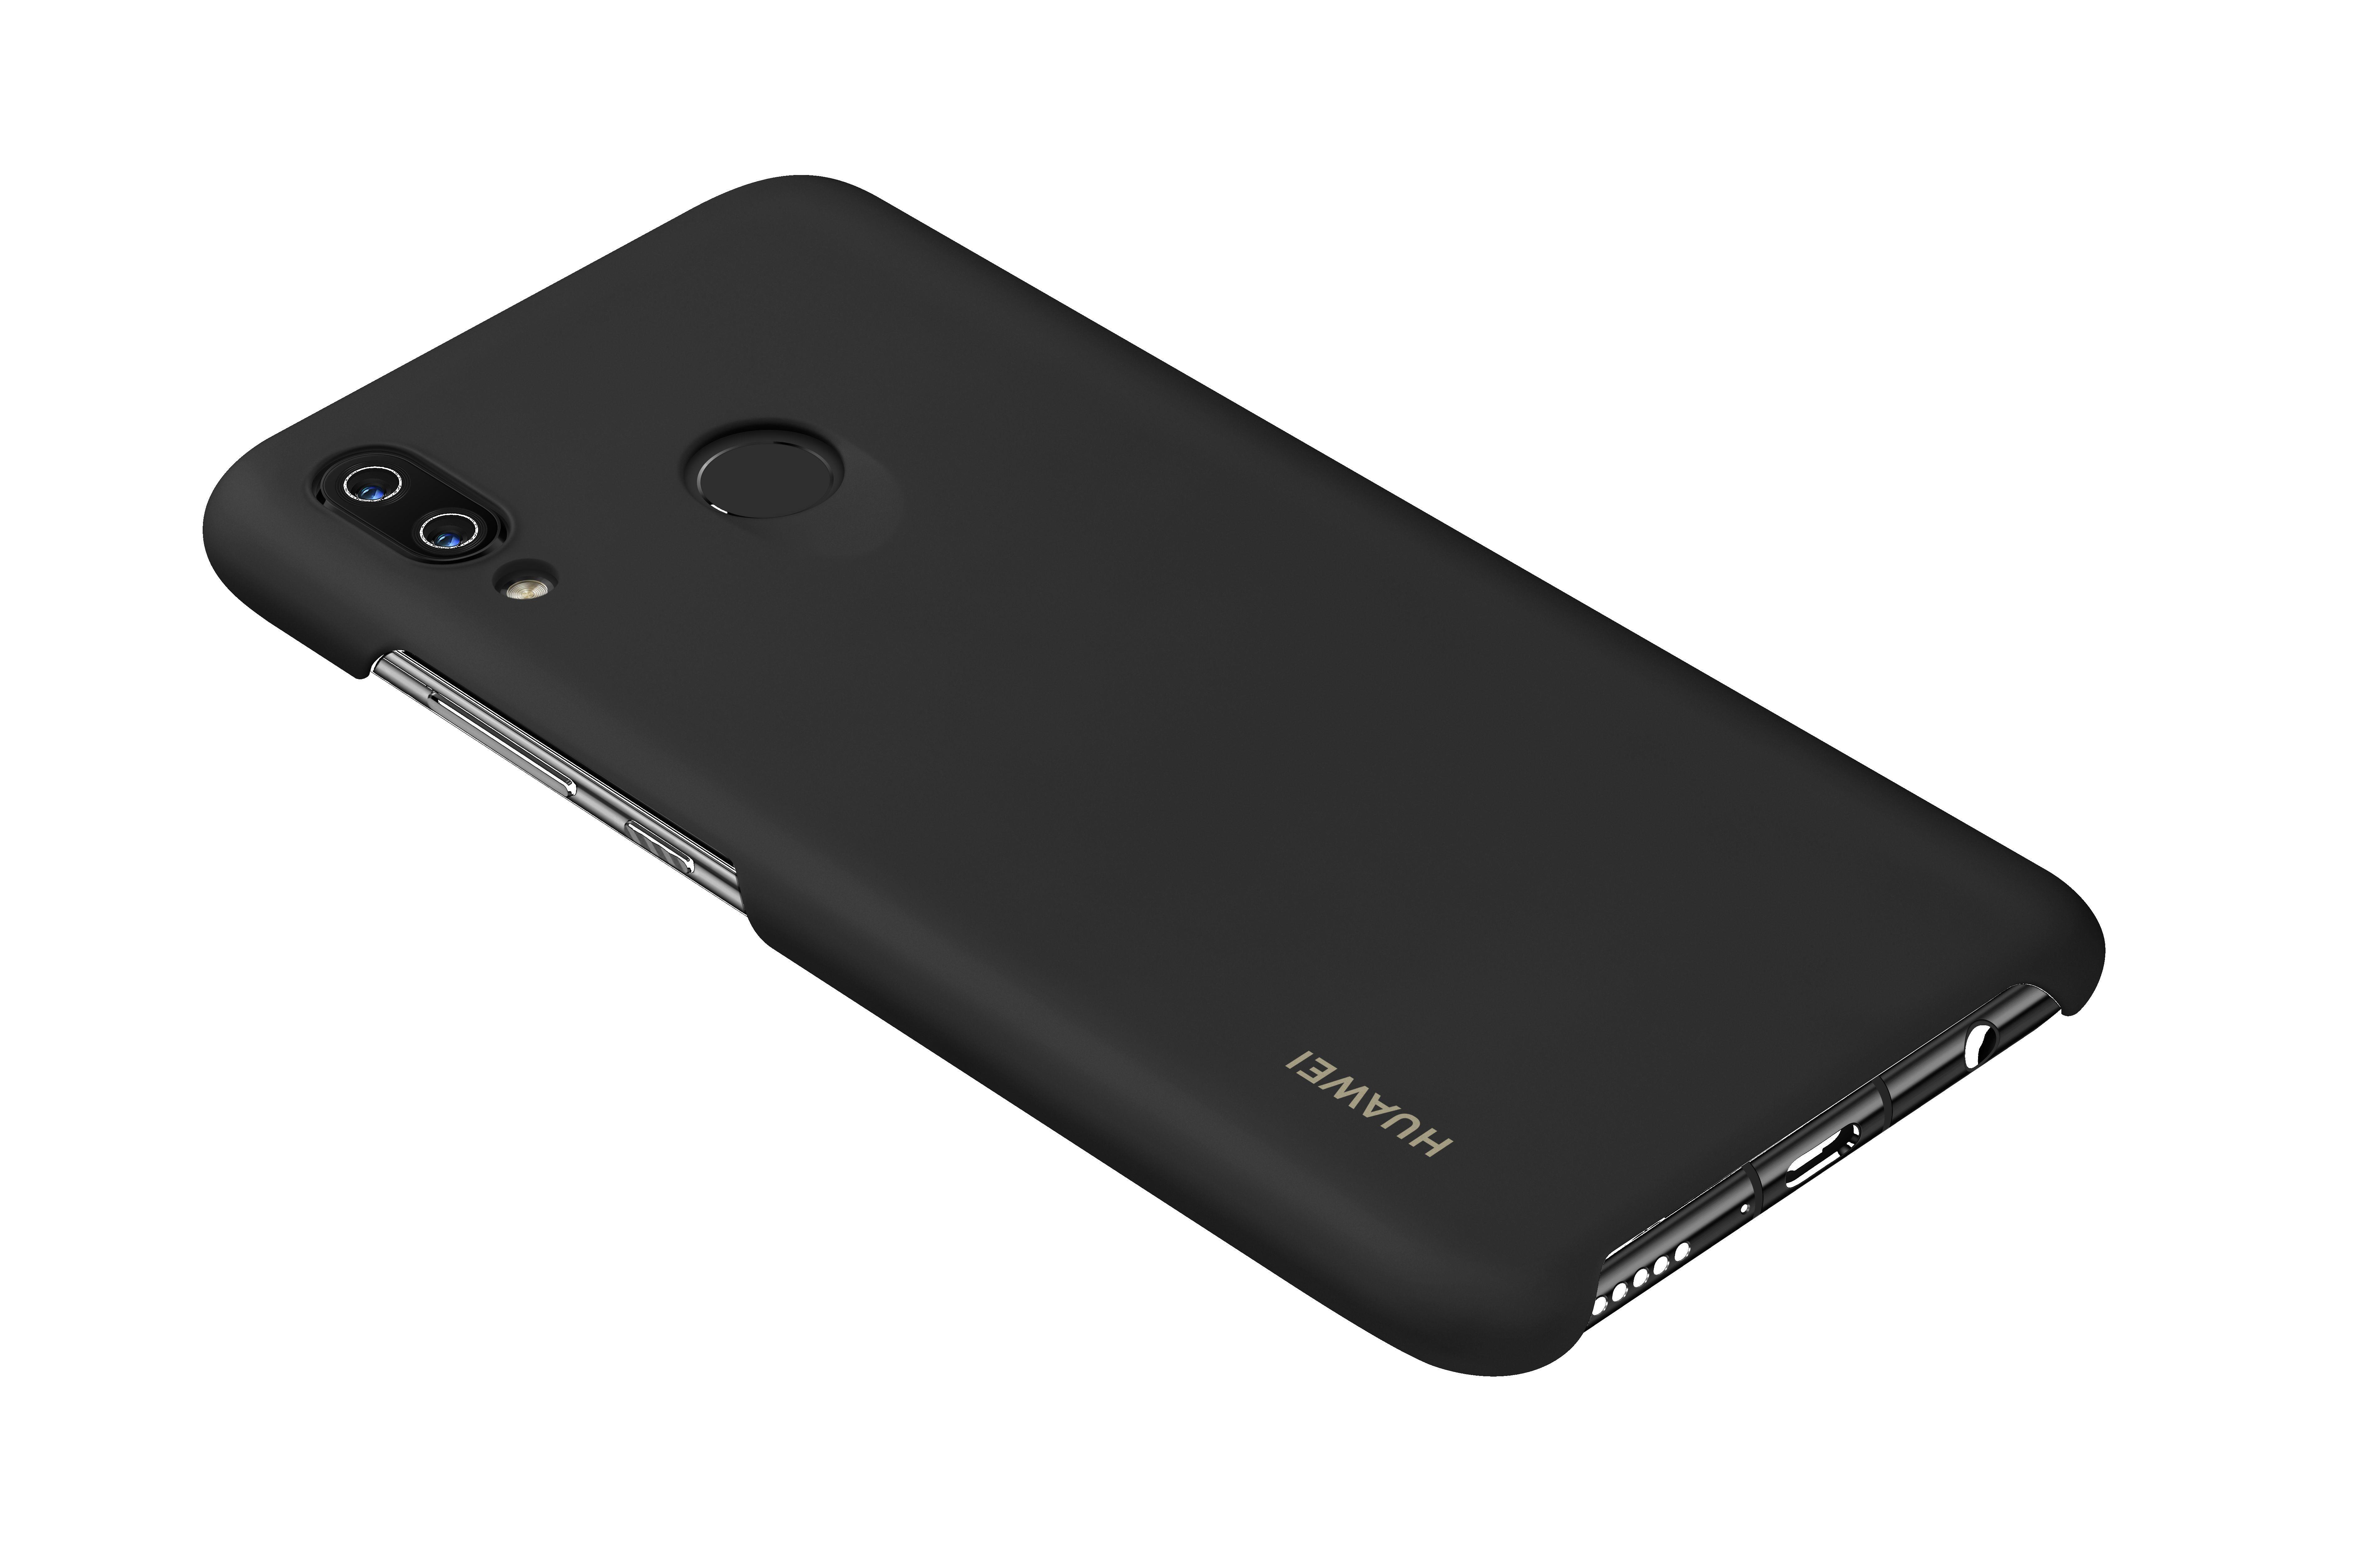 Ochranný kryt pro Huawei Nova 3 černý